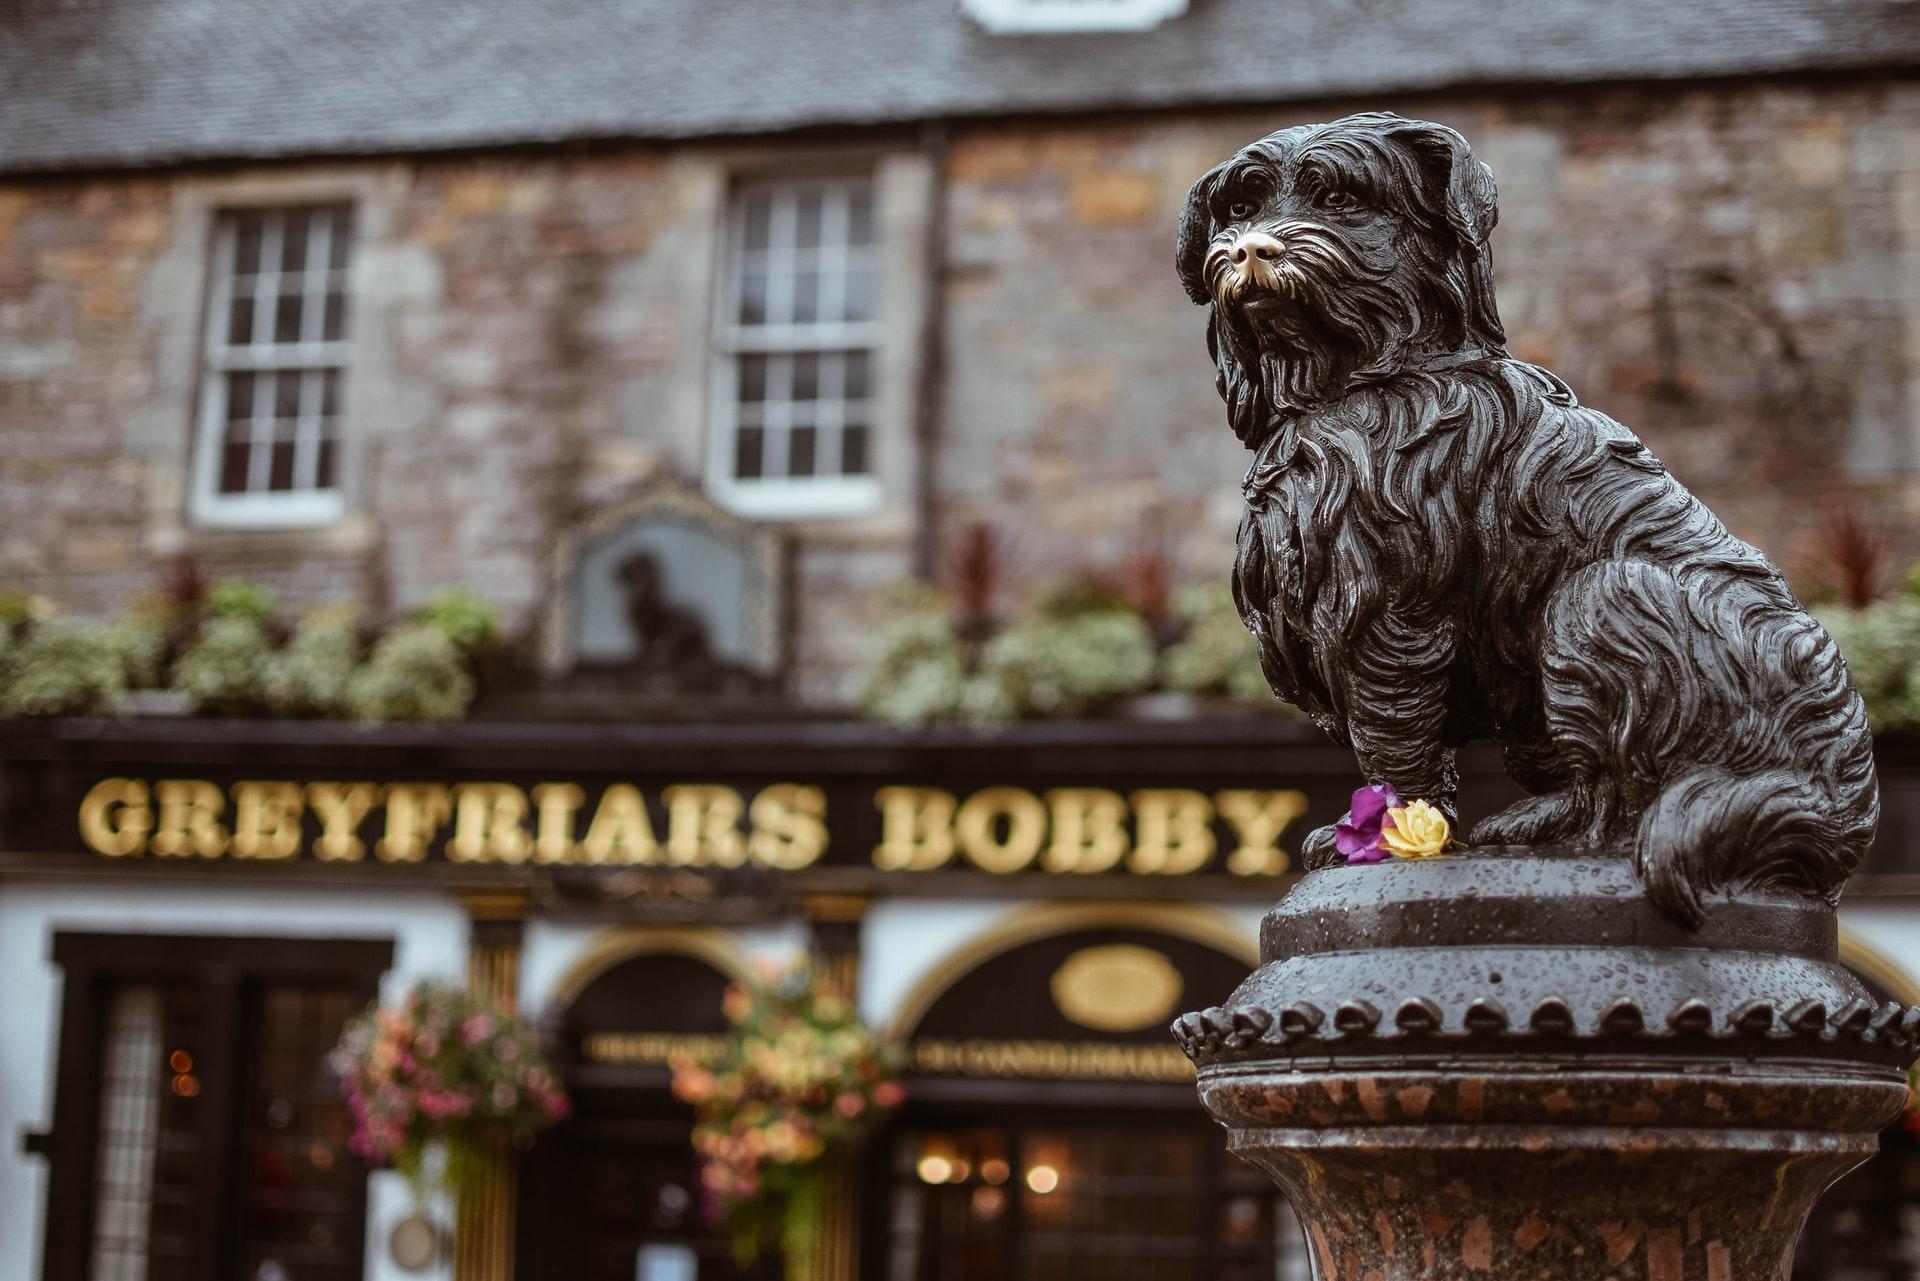 photo de la statue de Greyfriars Bobby avec le restaurant à son nom en fond à Edimbourg